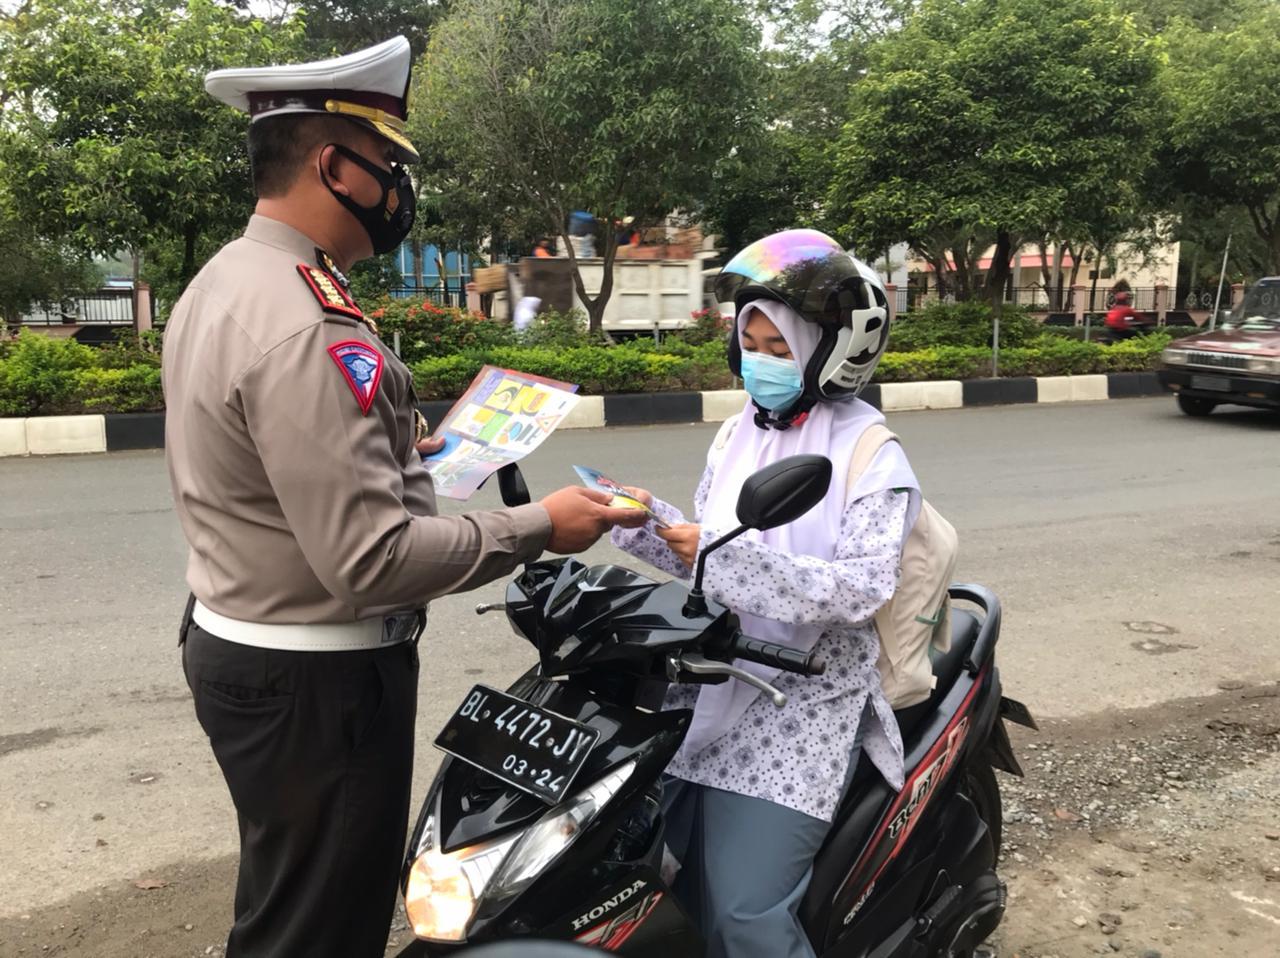 Ditlantas Polda Aceh Gelar Sosialisasi Tertib Lalu Lintas Di Sma 3 Dan Sma 4 Banda Aceh Aceh Nasional News